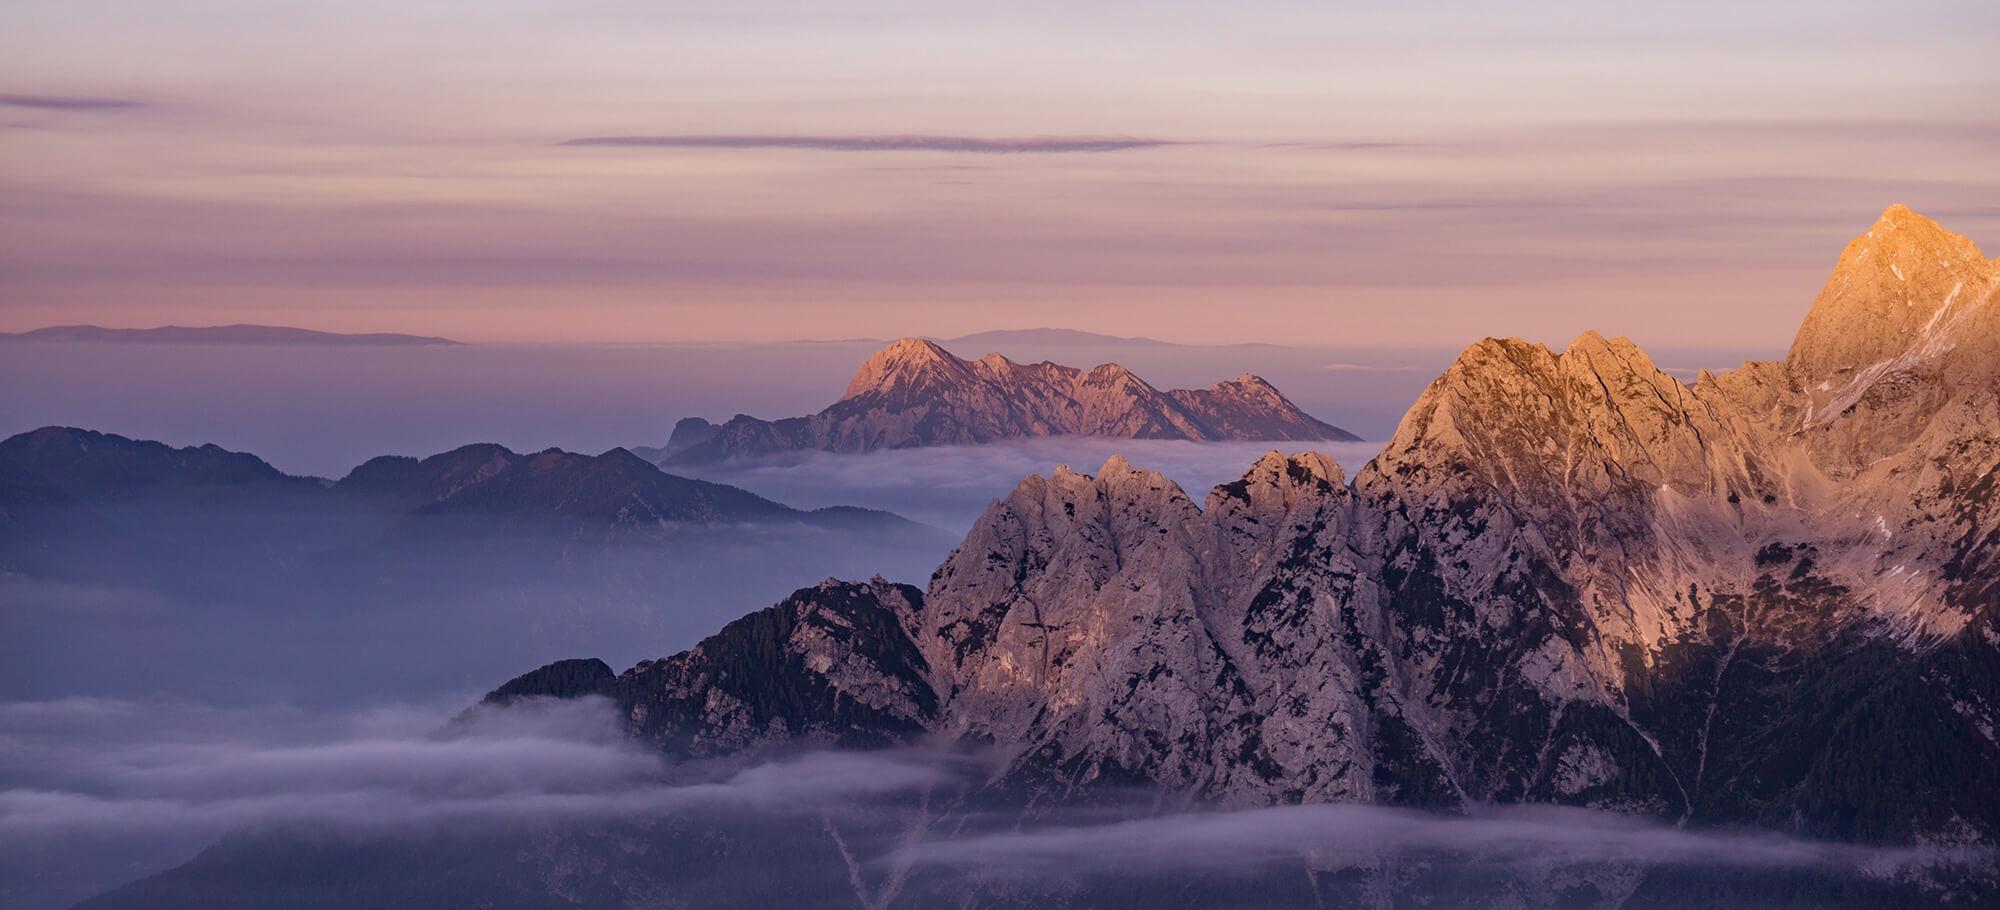 Die nebelverhangenen Julischen Alpen im Sonnenuntergang